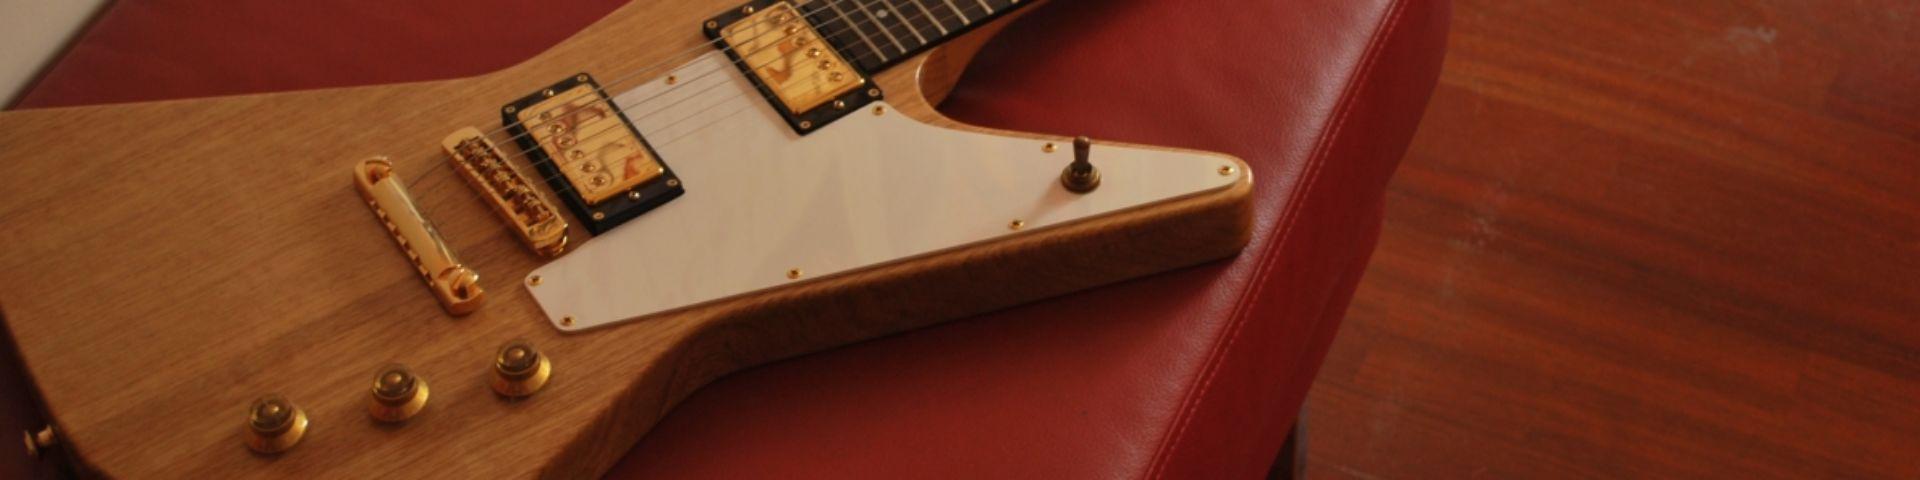 Gibson Explorer - E-Gitarrenguru.de